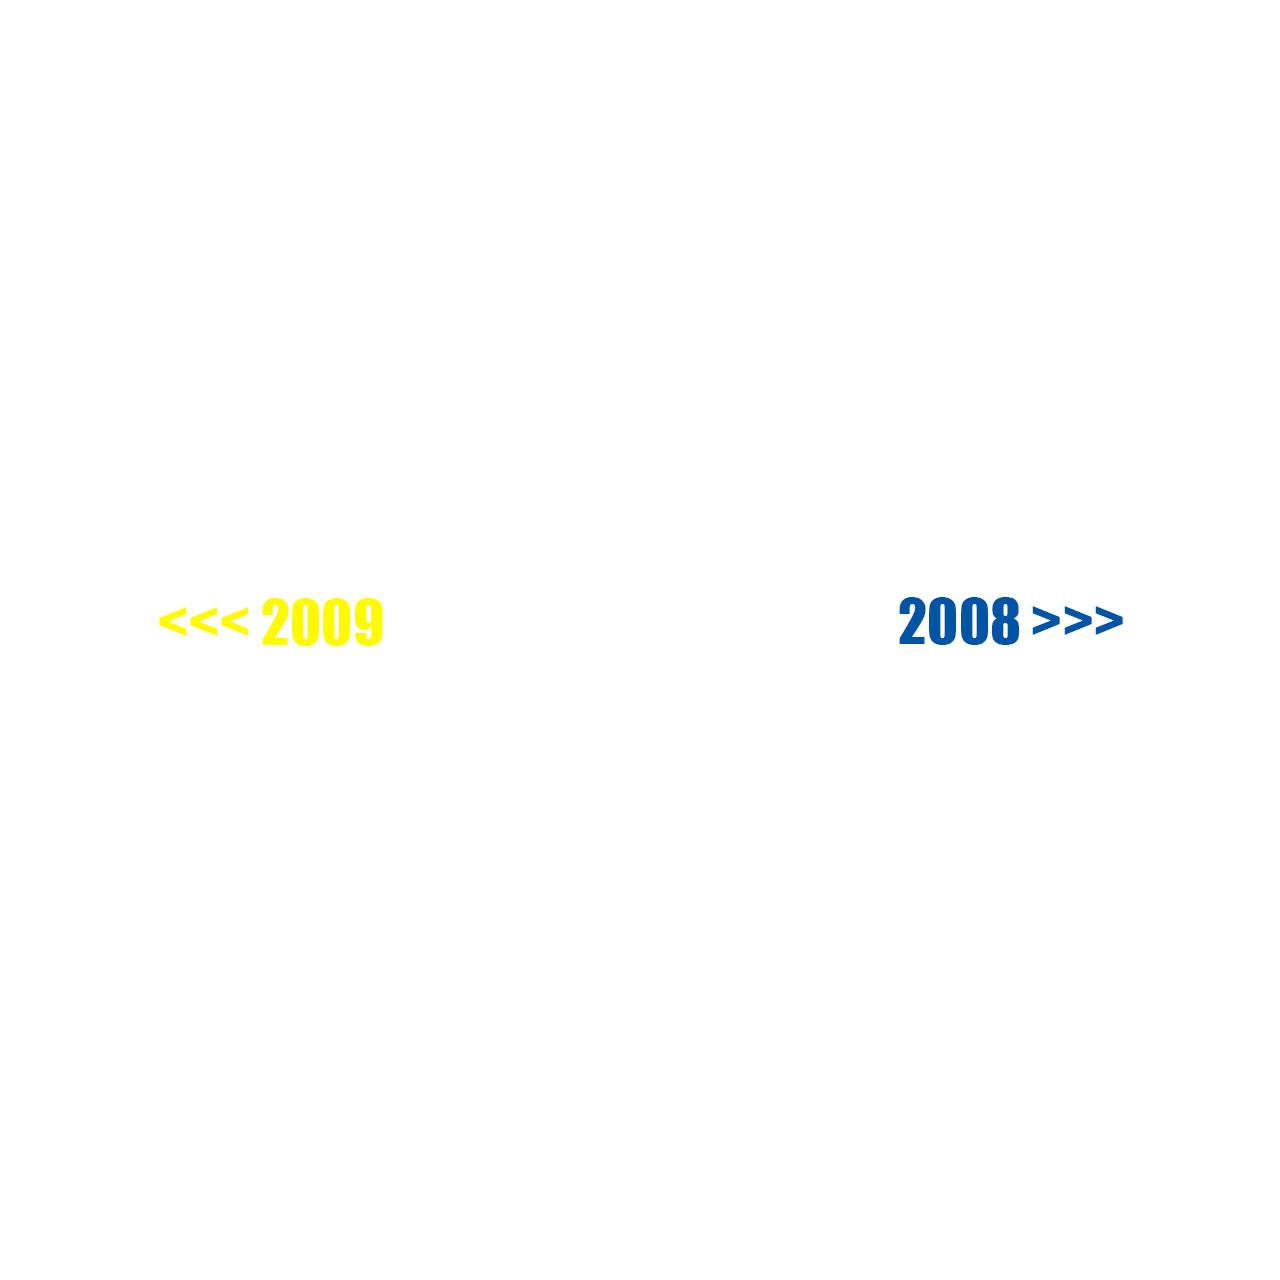 2009_2008_carre1280x1280